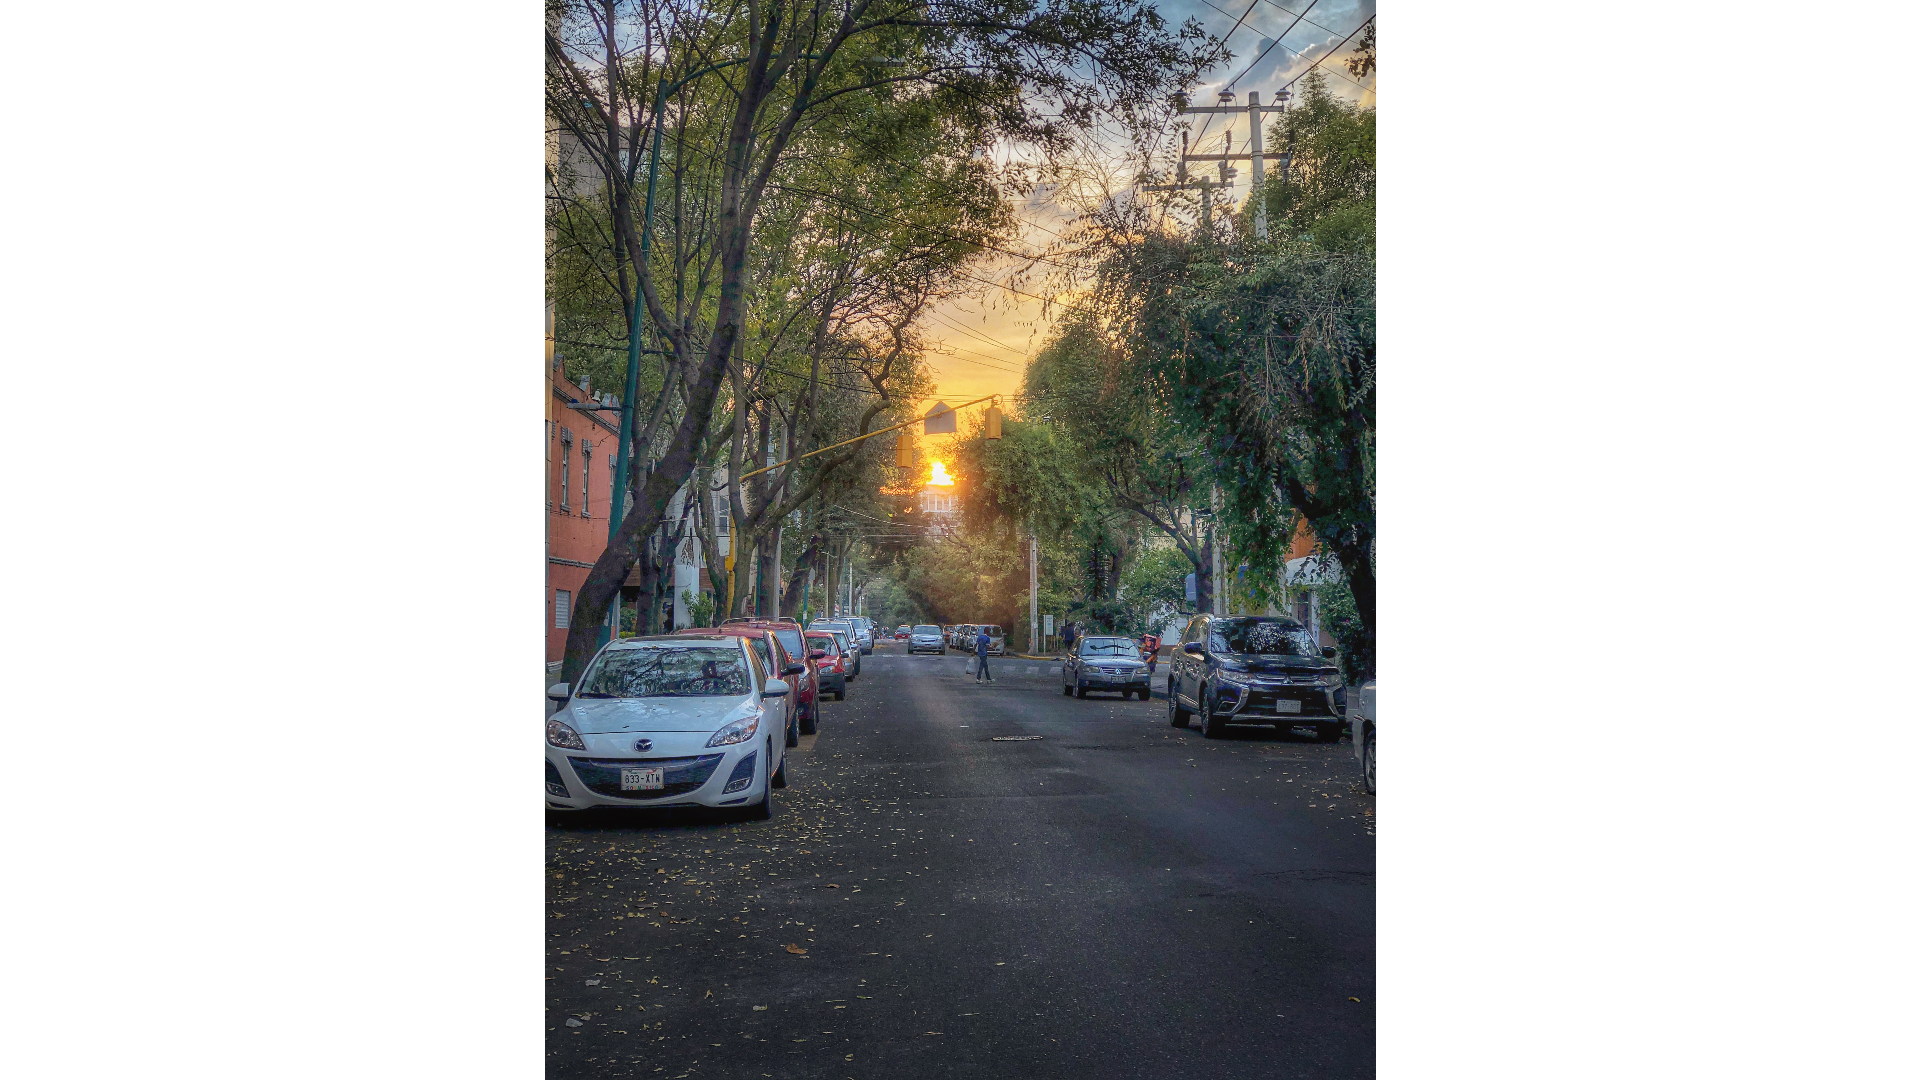 Calle de la CDMX con atardecer, árboles y algunos carros